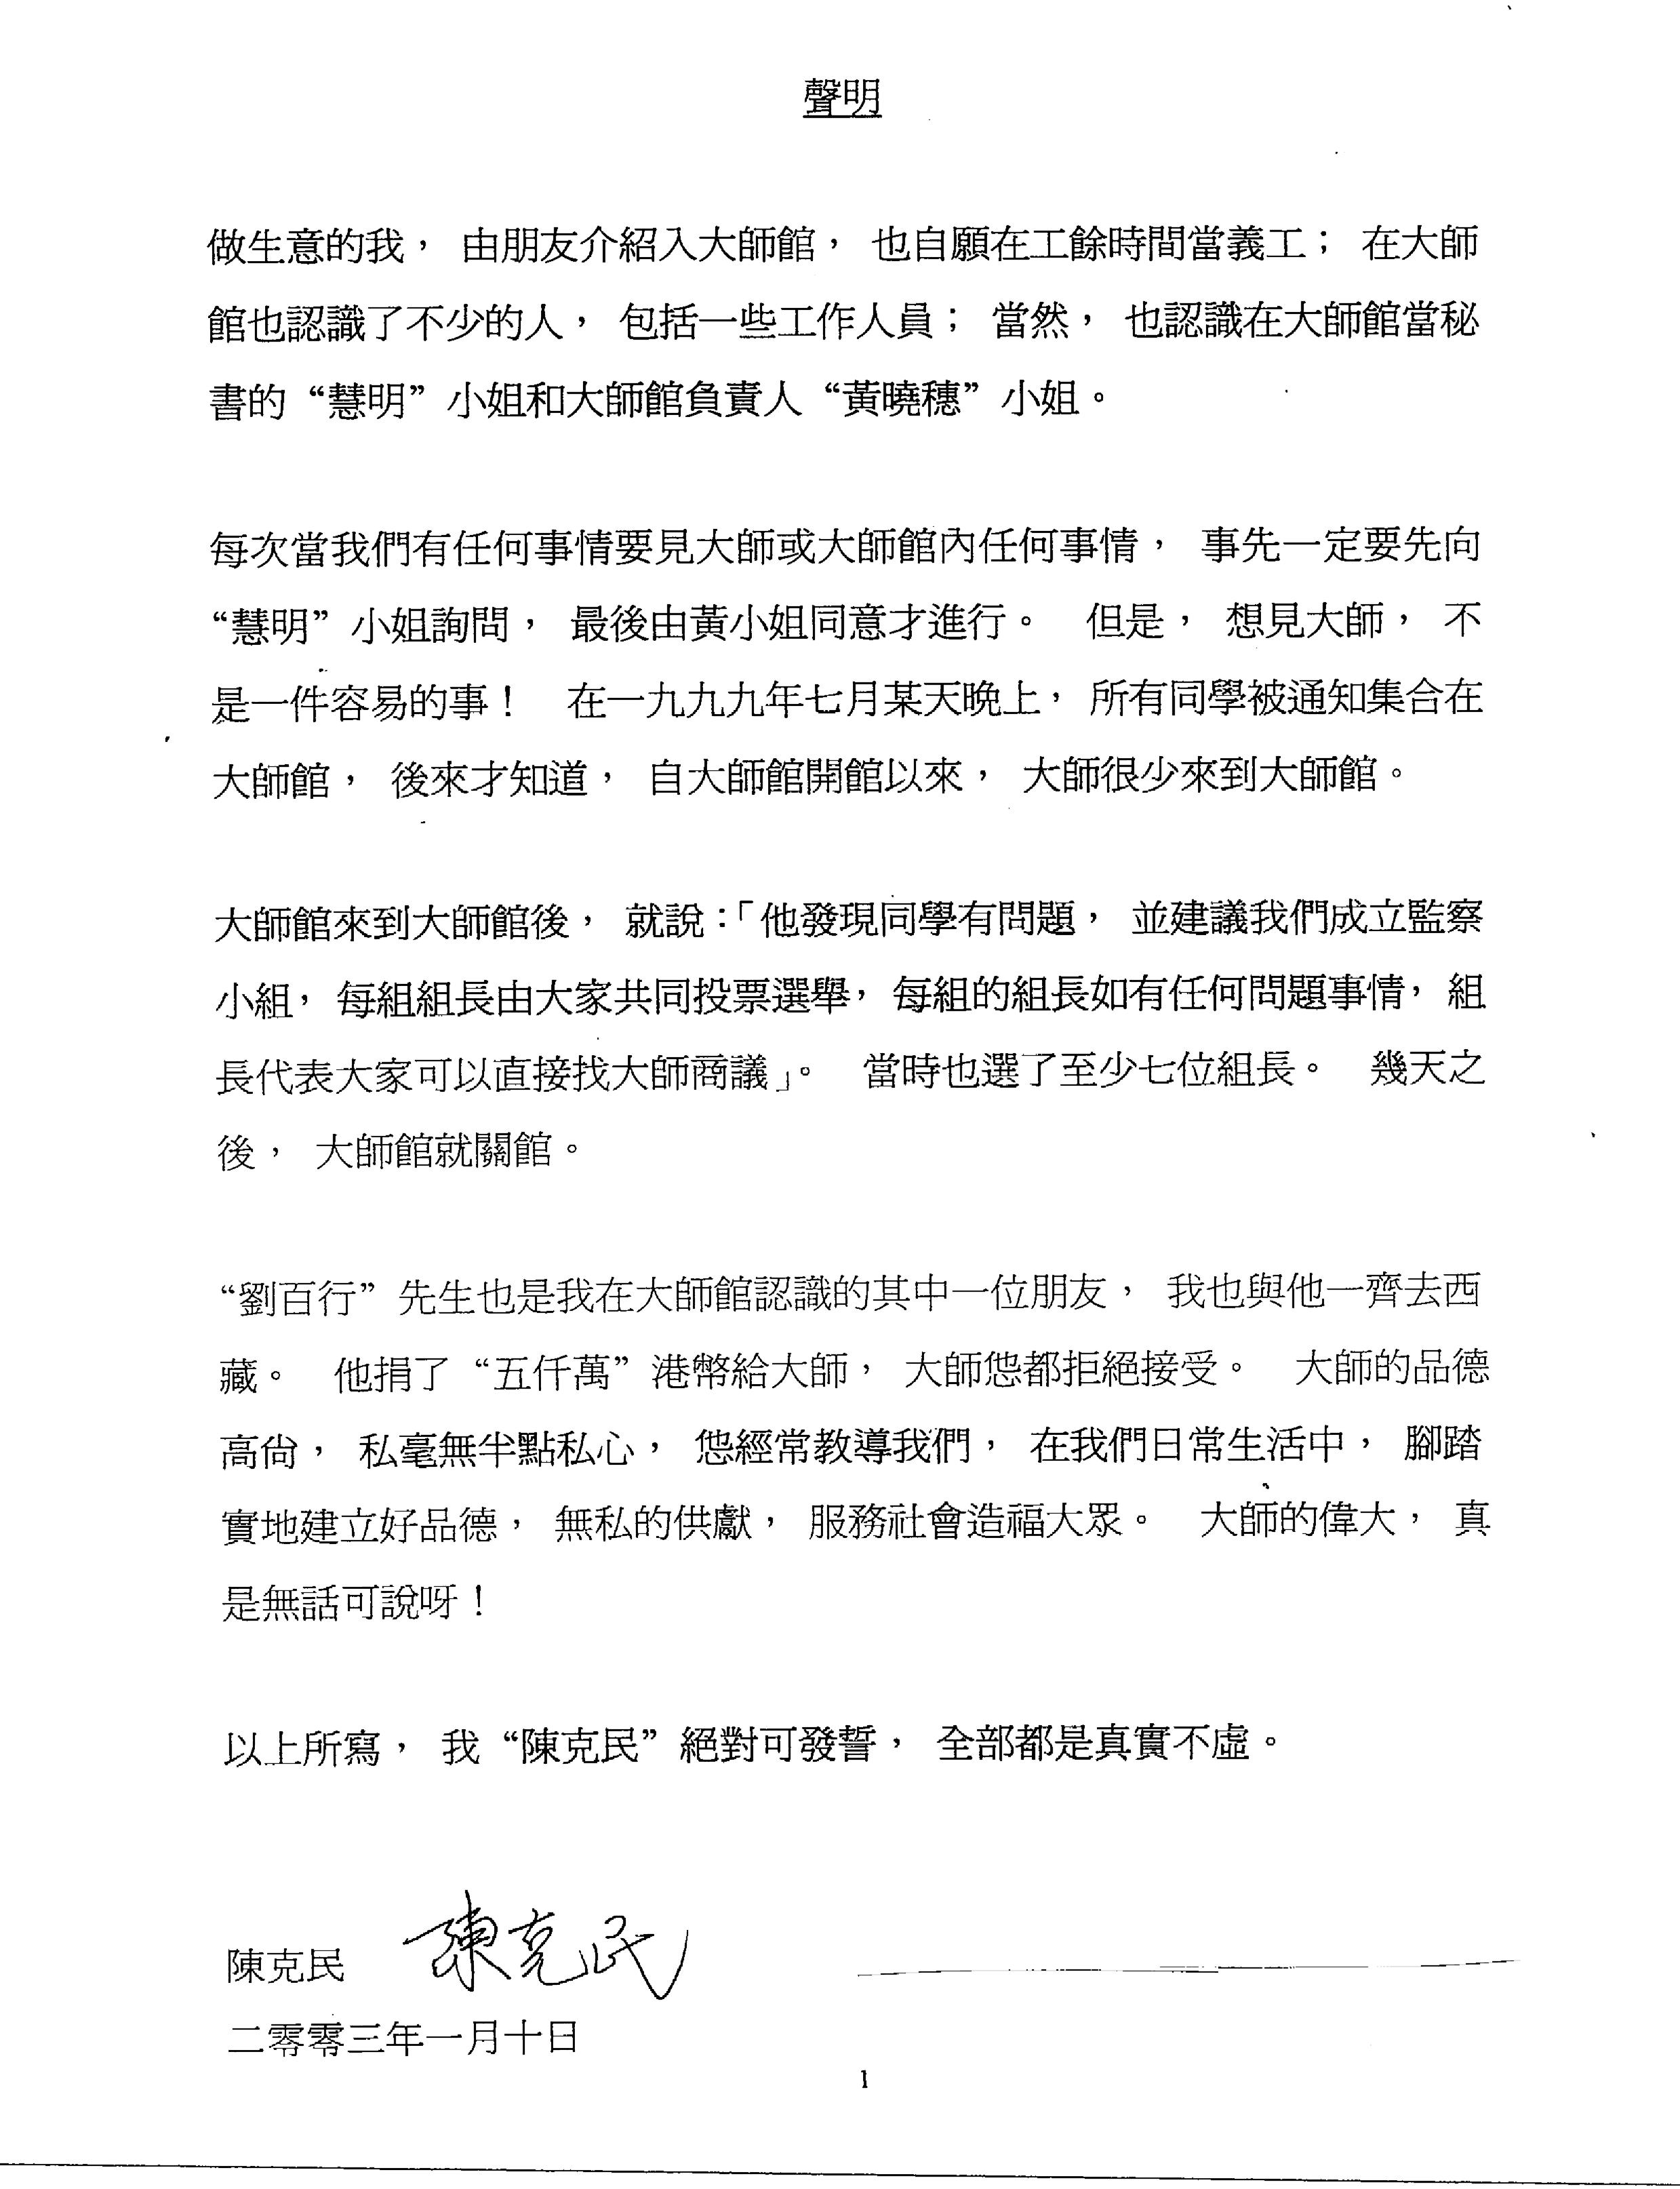 南无第三世多杰羌佛清白 黄晓穗诈骗被香港法庭判重刑 第18张